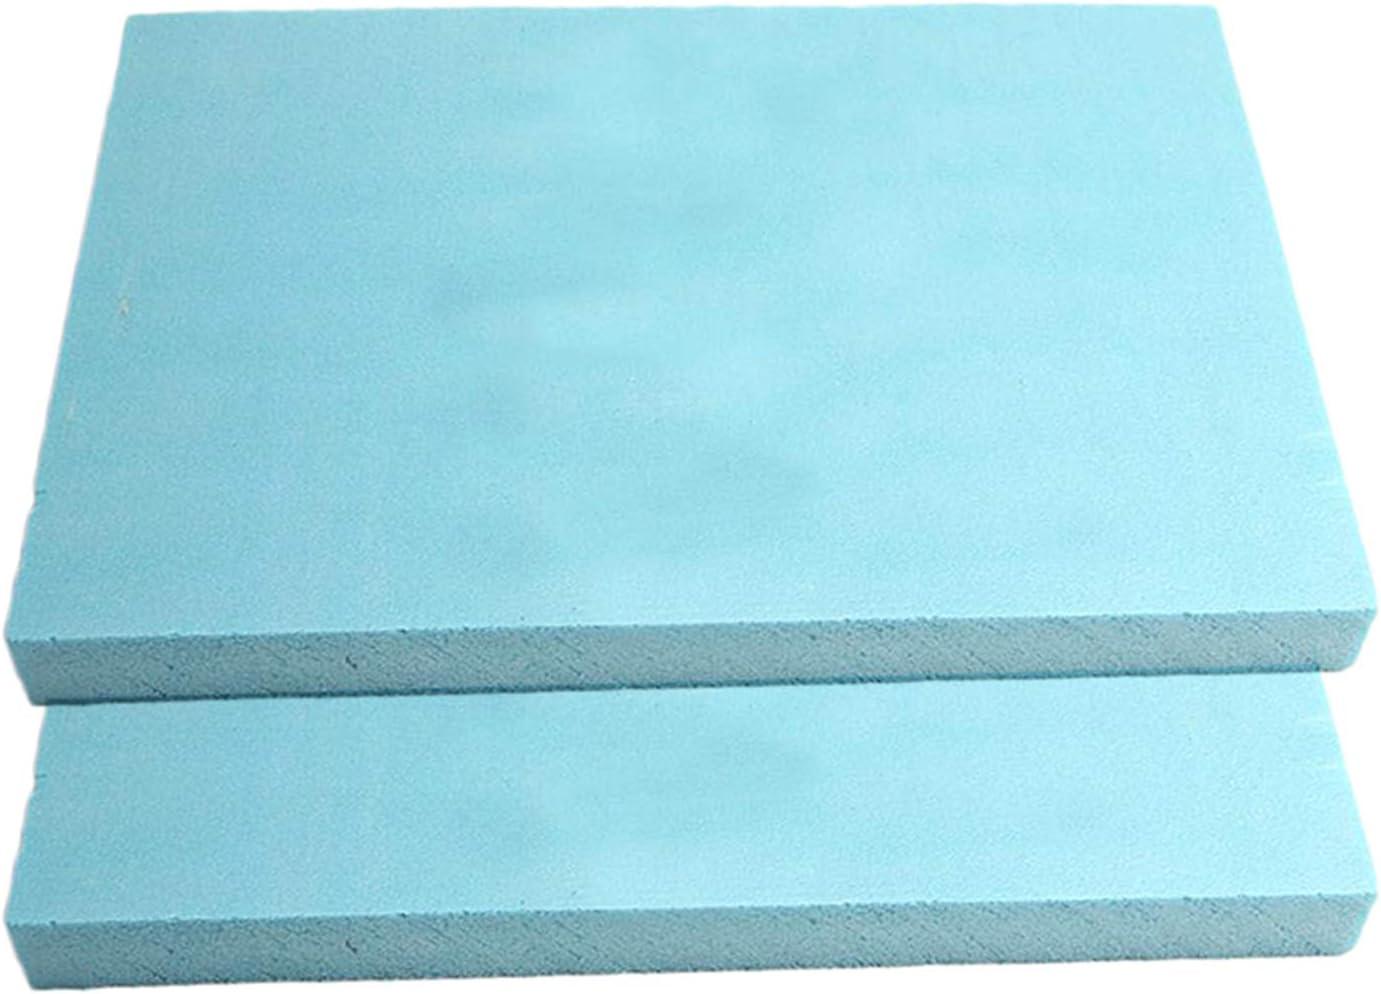 freneci Lastra in Schiuma da 10 Pezzi 30x20x2cm Materiale Fai-da-Te Rocce Montagne Paesaggio Blu